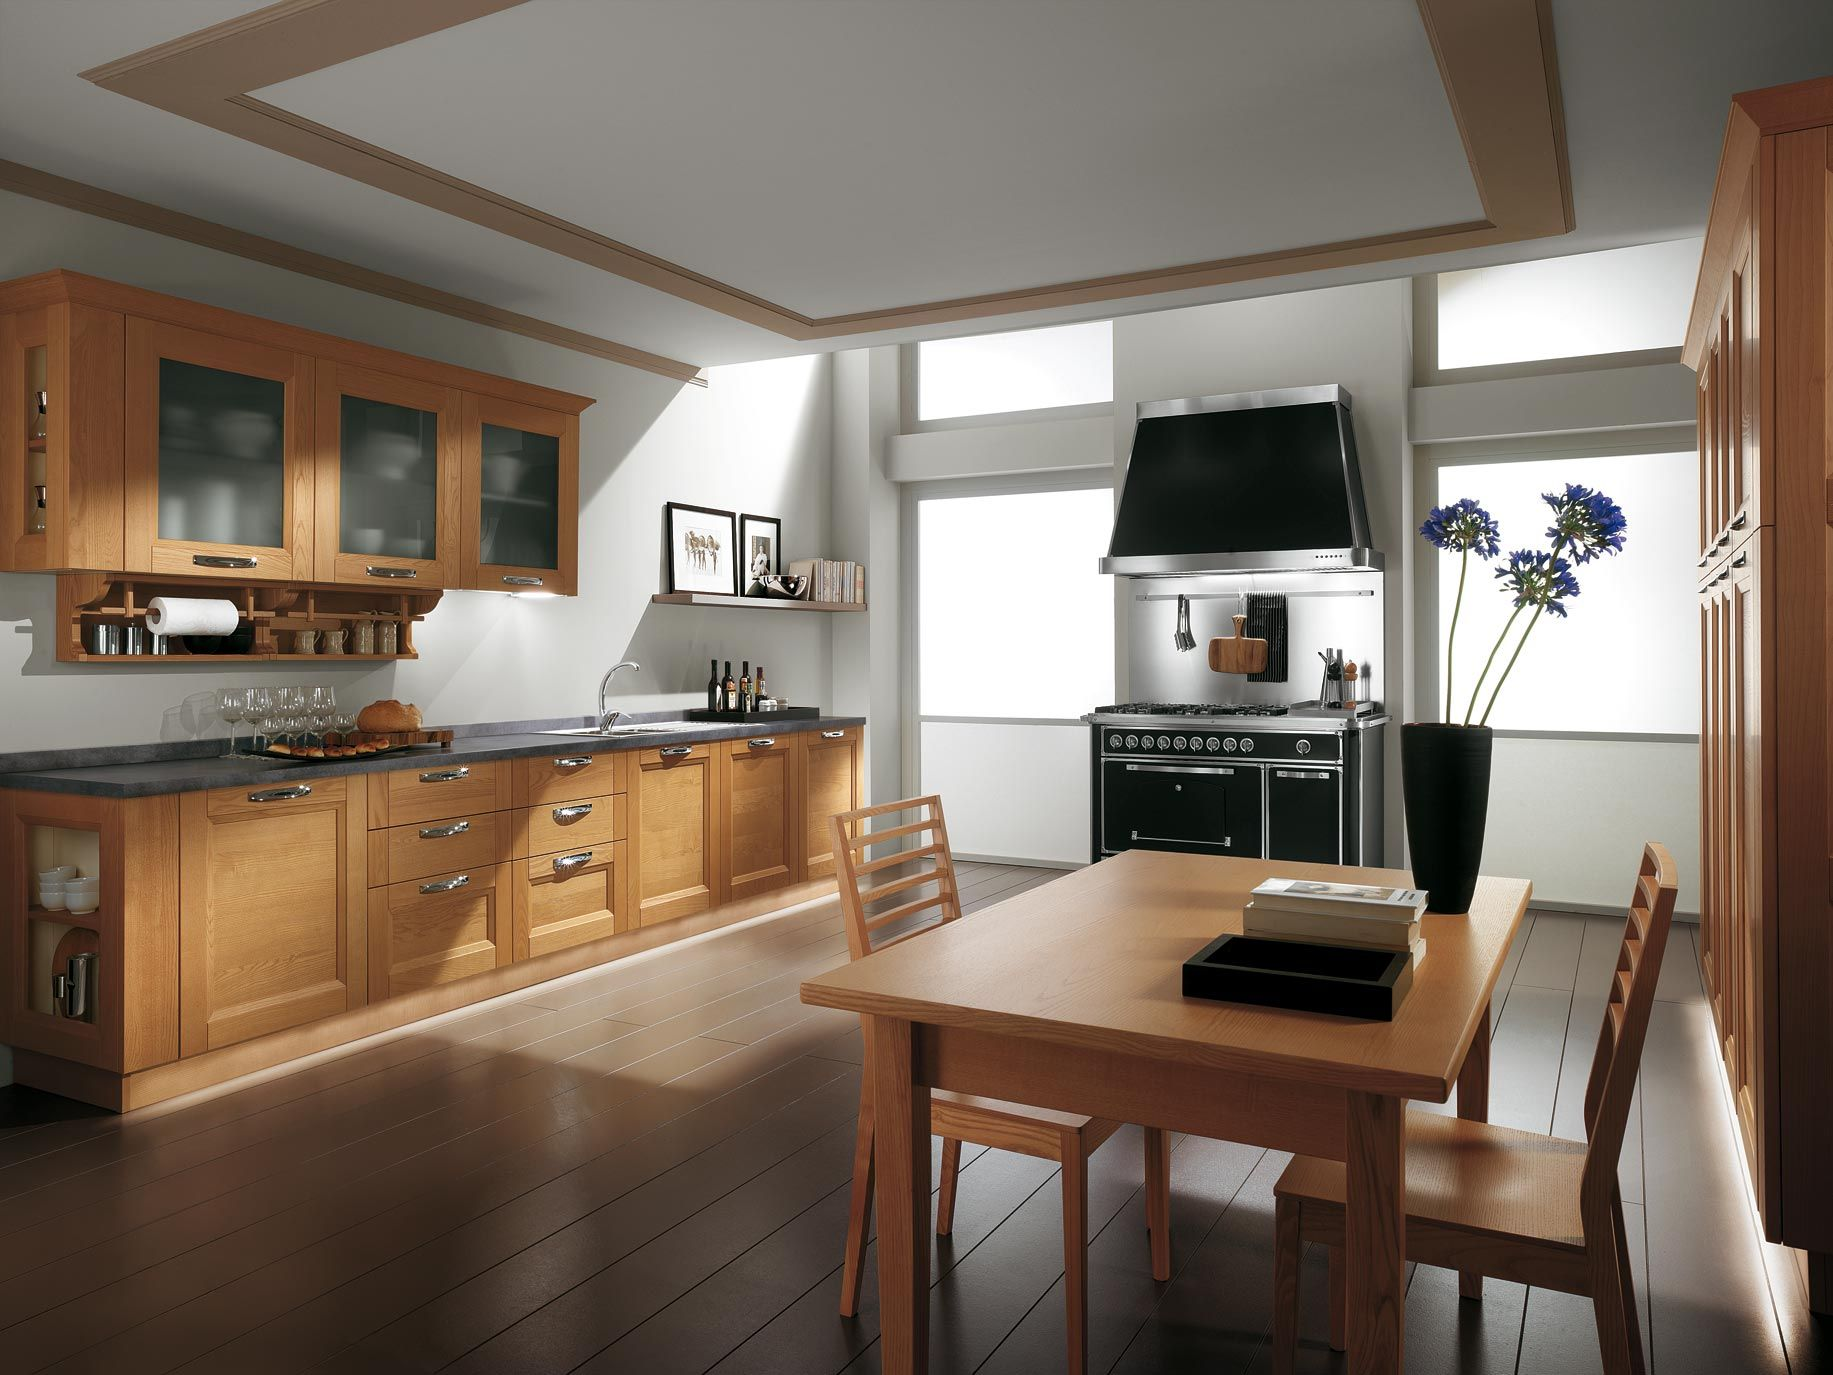 E per una cucina in stile contemporaneo generalmente in tanti ritengono la cucina contemporanea - Maniglie per pensili cucina ...